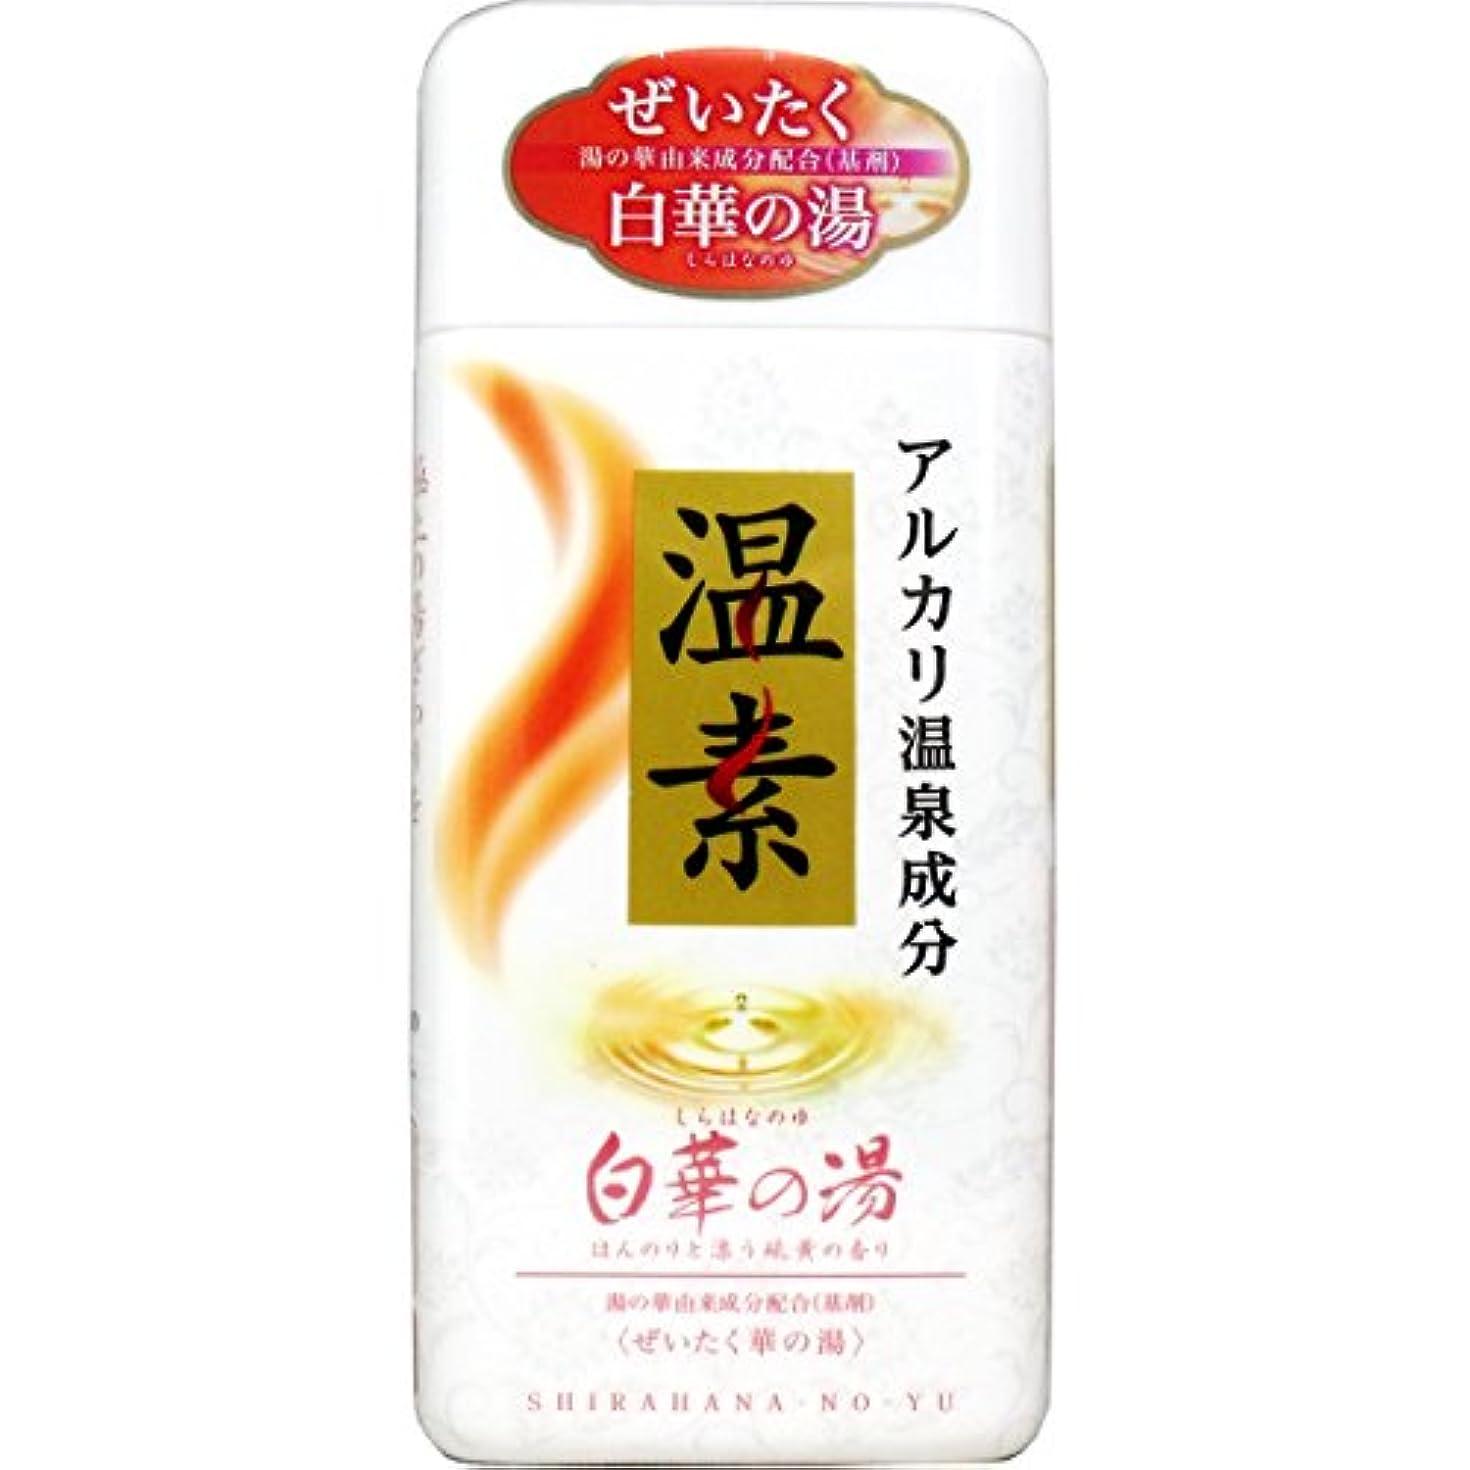 センチメートル素敵なバウンスお風呂用品 ぜいたく華の湯 本物志向 アルカリ温泉成分 温素 入浴剤 白華の湯 硫黄の香り 600g入